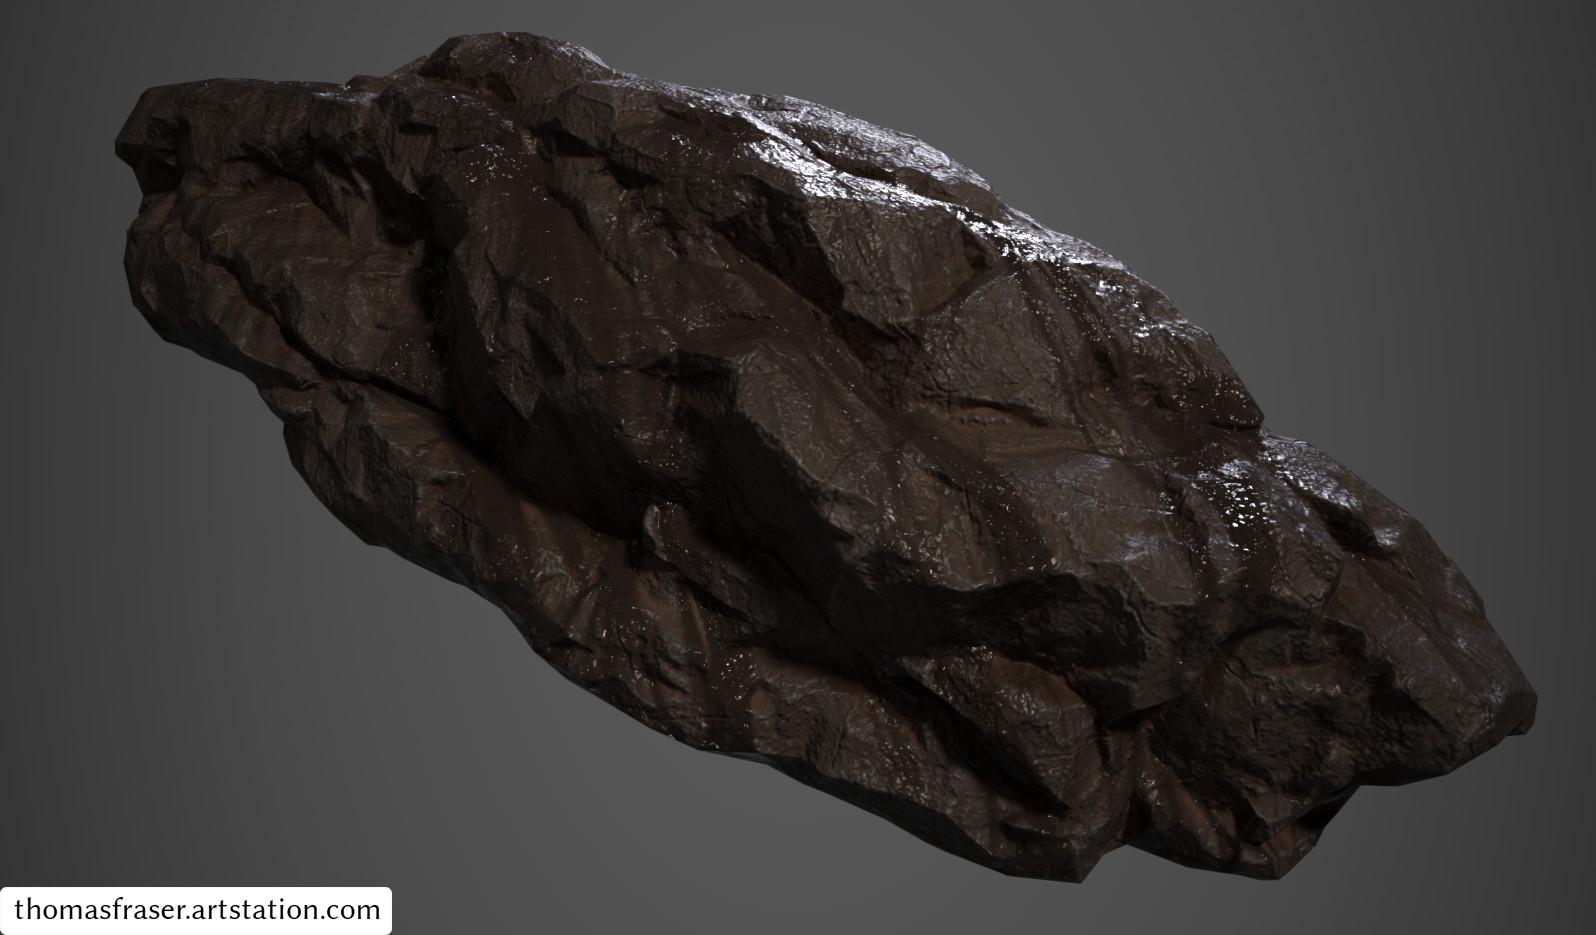 Dark, wet rock.